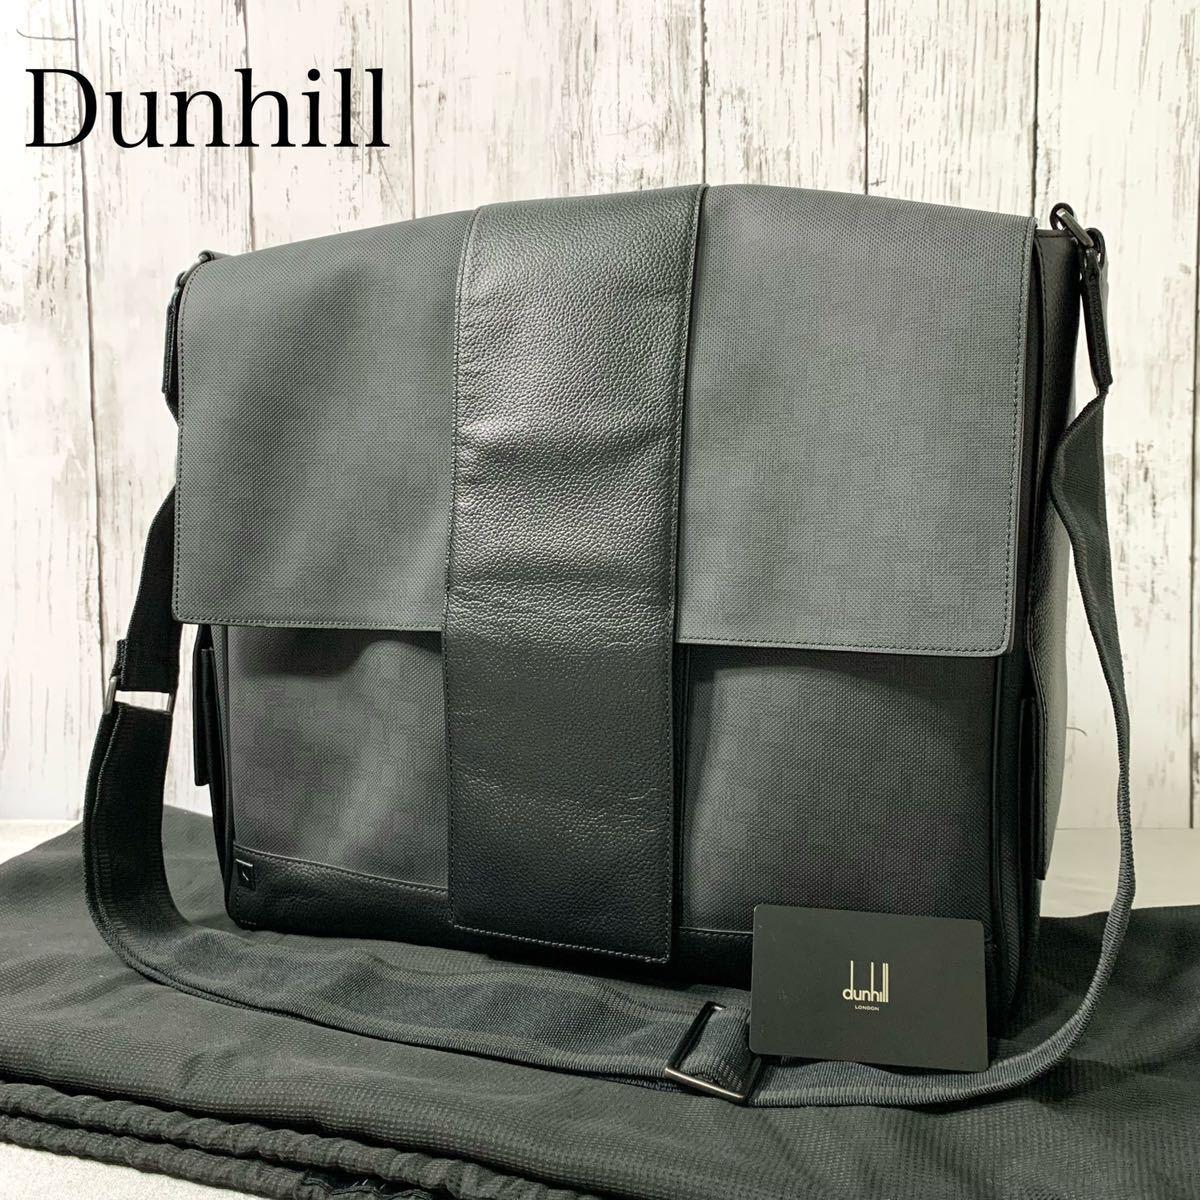 【新品同様】Dunhill ダンヒル ディーエイト ショルダーバッグ メッセンジャーバッグ ビ